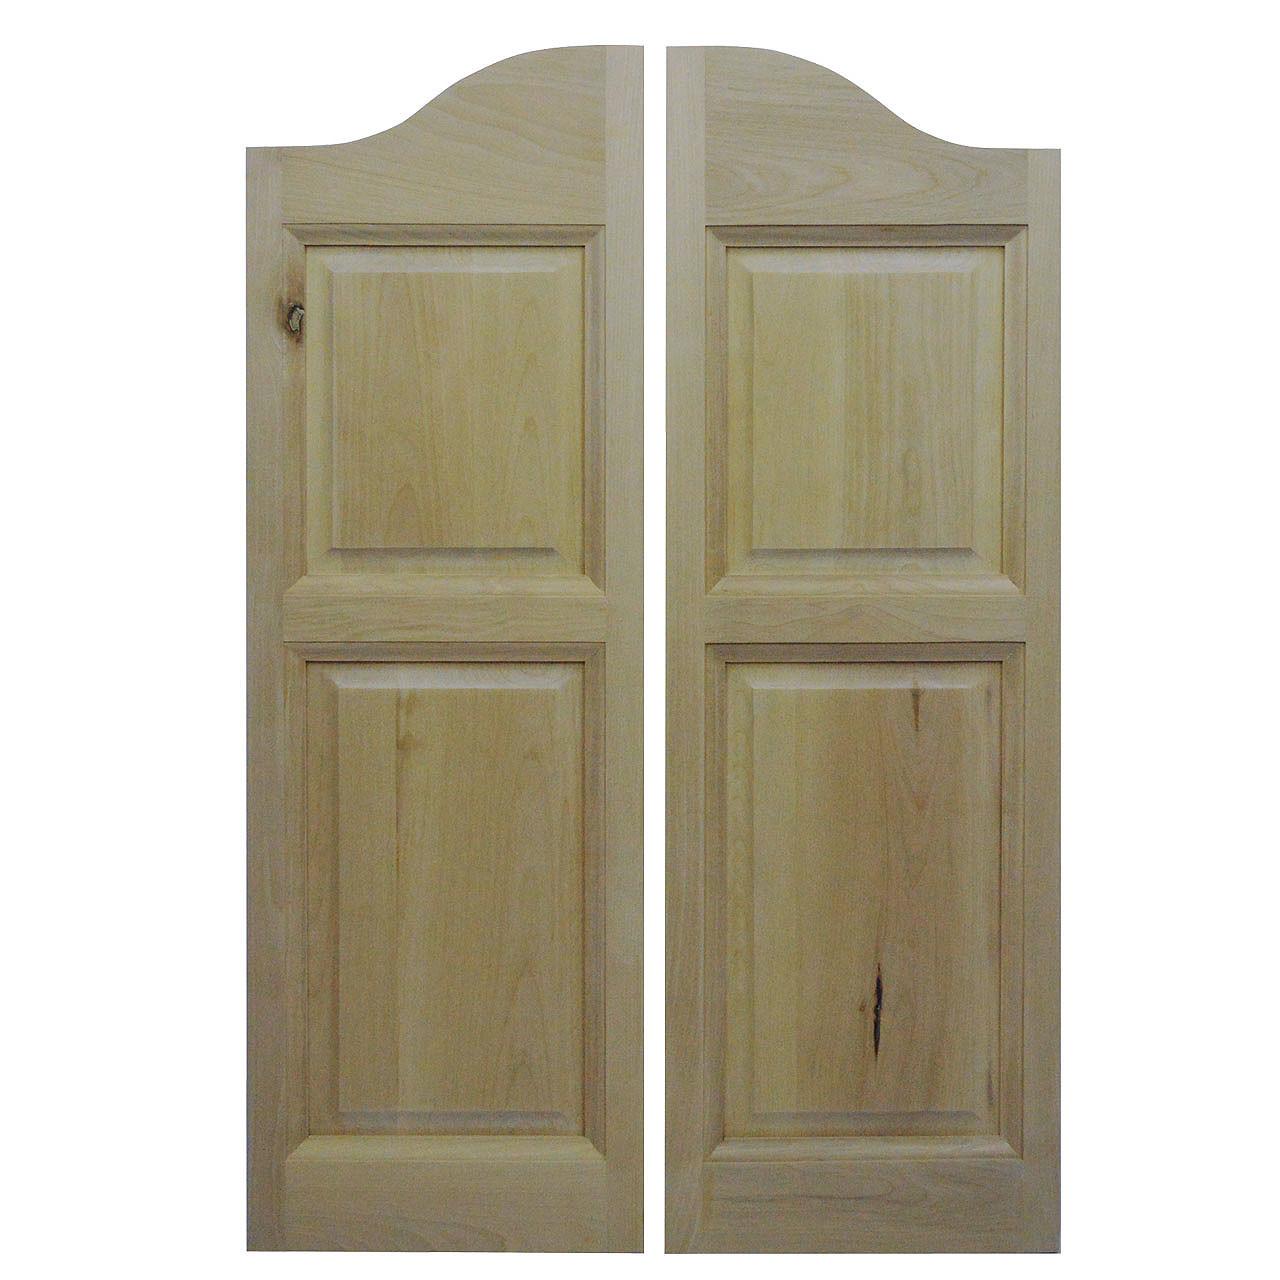 Solid White Birch Western Doors Cafe Doors Saloon